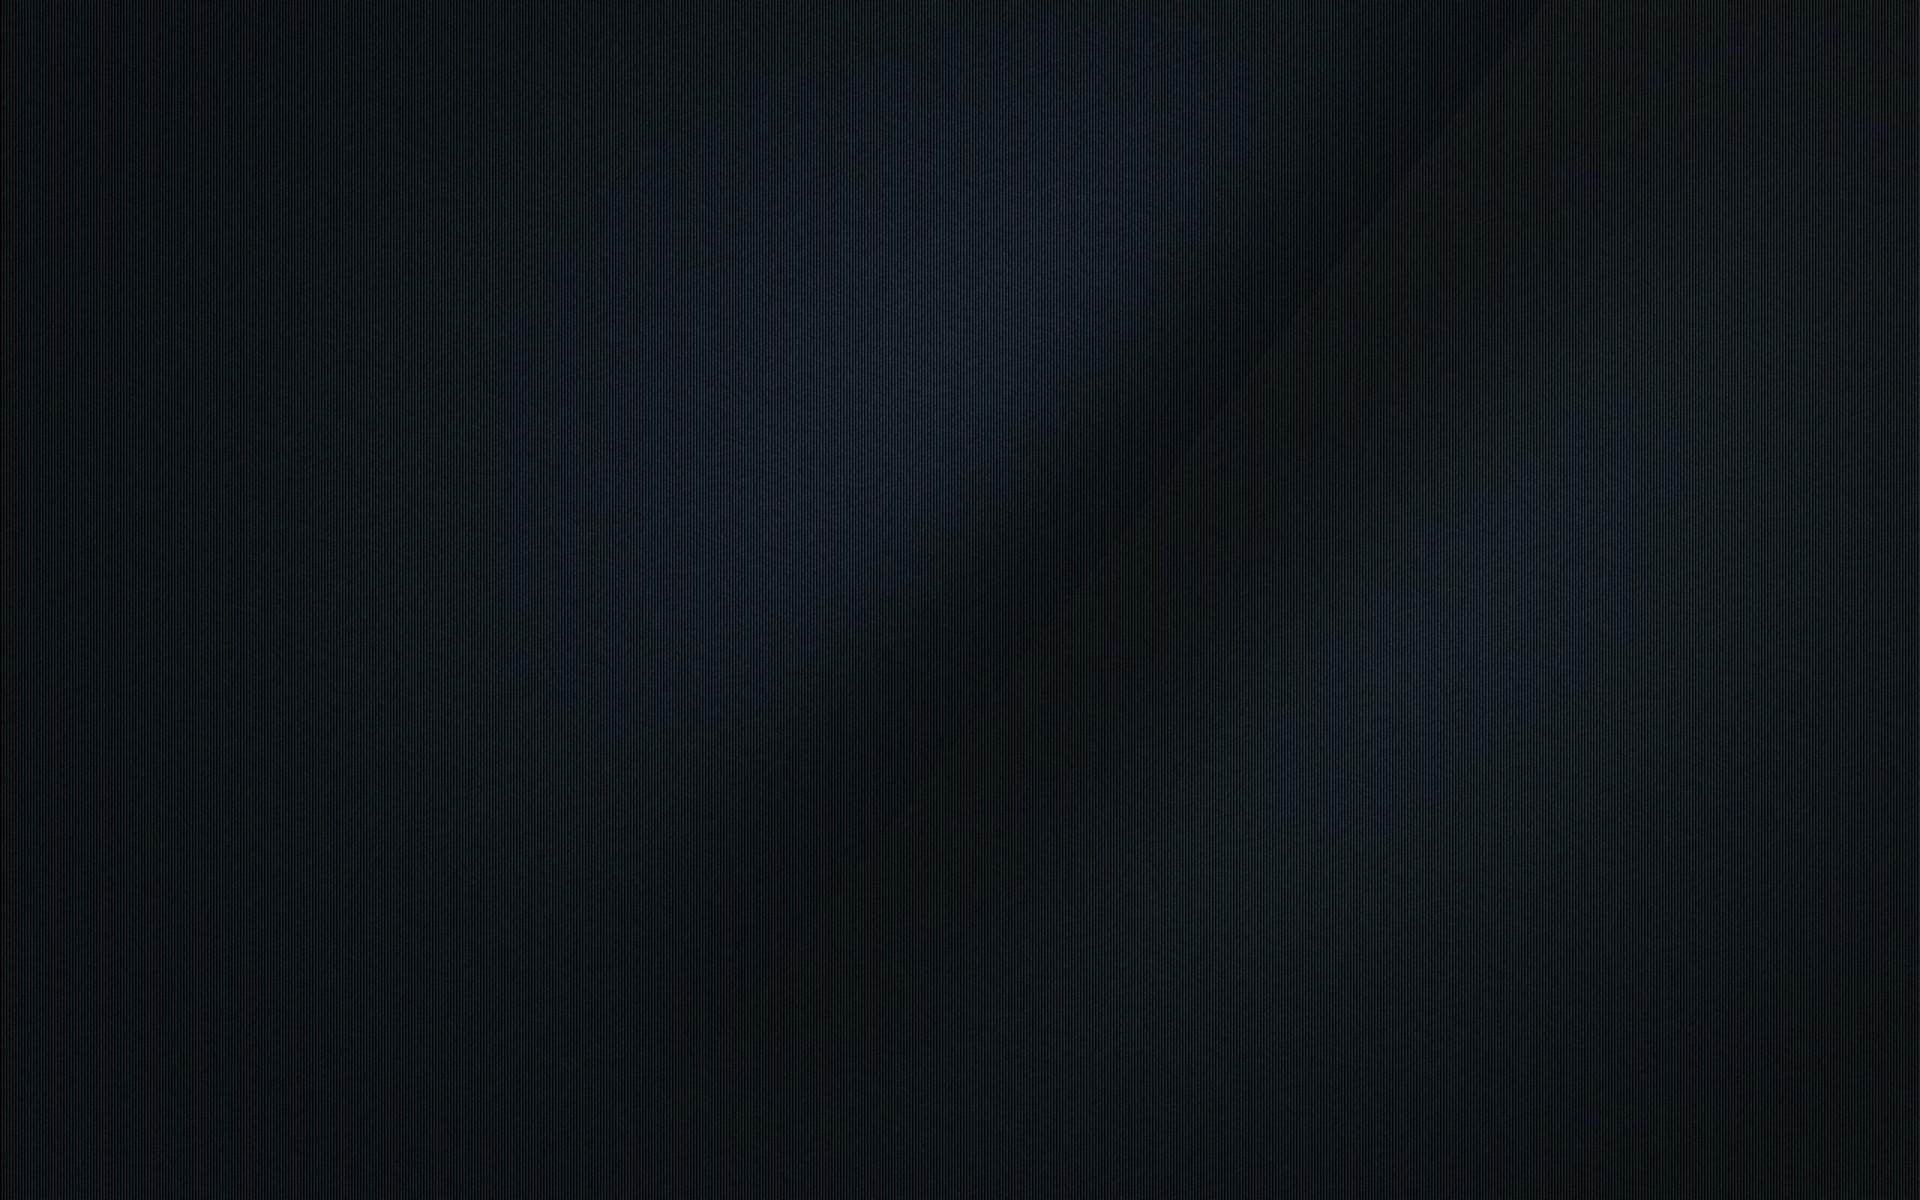 Blue Dark Wallpaper 1920x1200 Blue Dark Textures 1920x1200